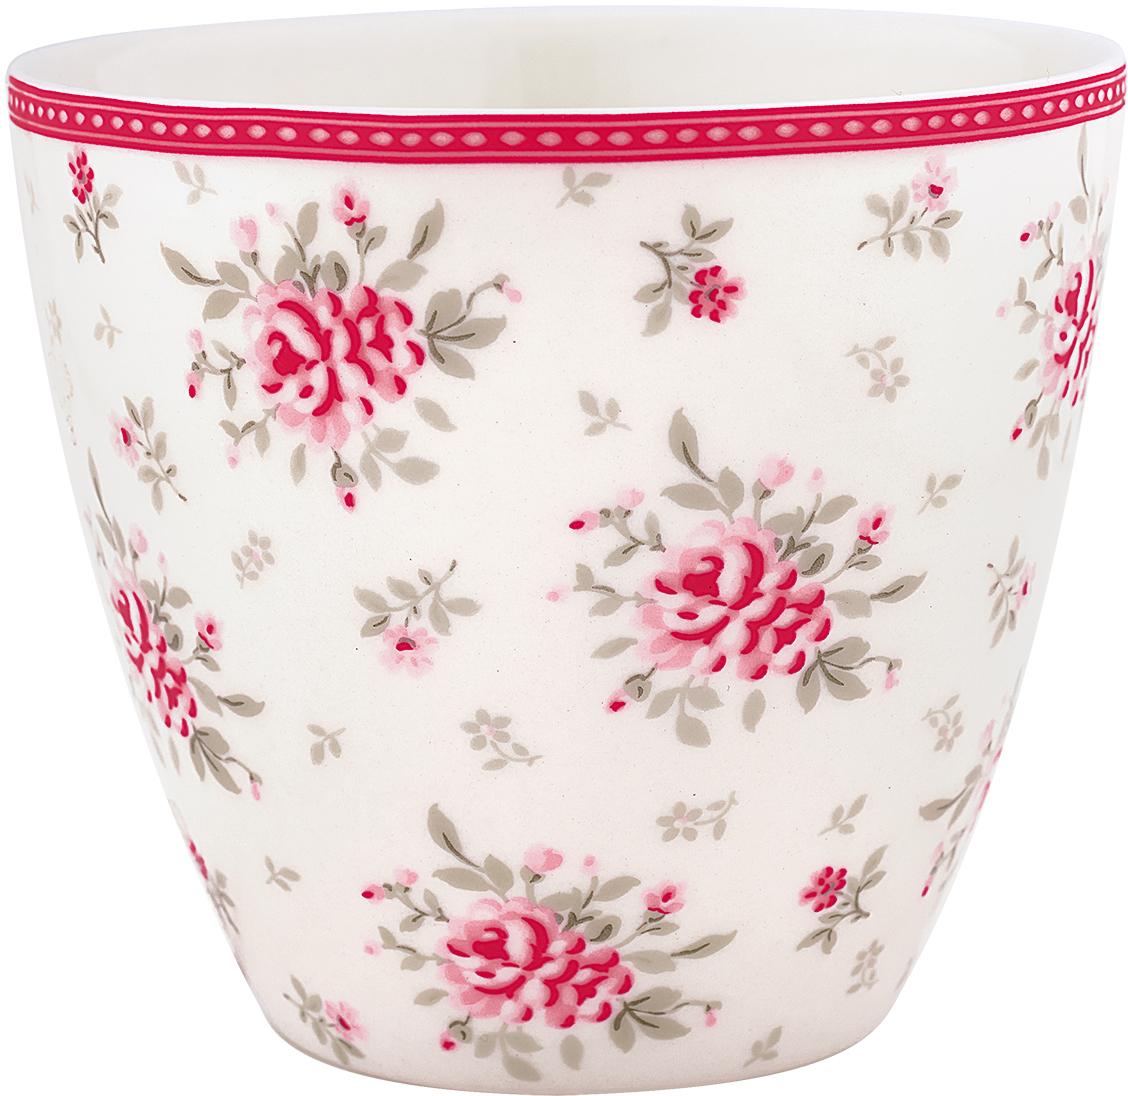 Стакан Flora white, 300 мл41270SLBGreenGate- это широко известная во всем мире компания, которая с 2001 года производит потрясающую по красотеколлекционнуюфарфоровую посуду.